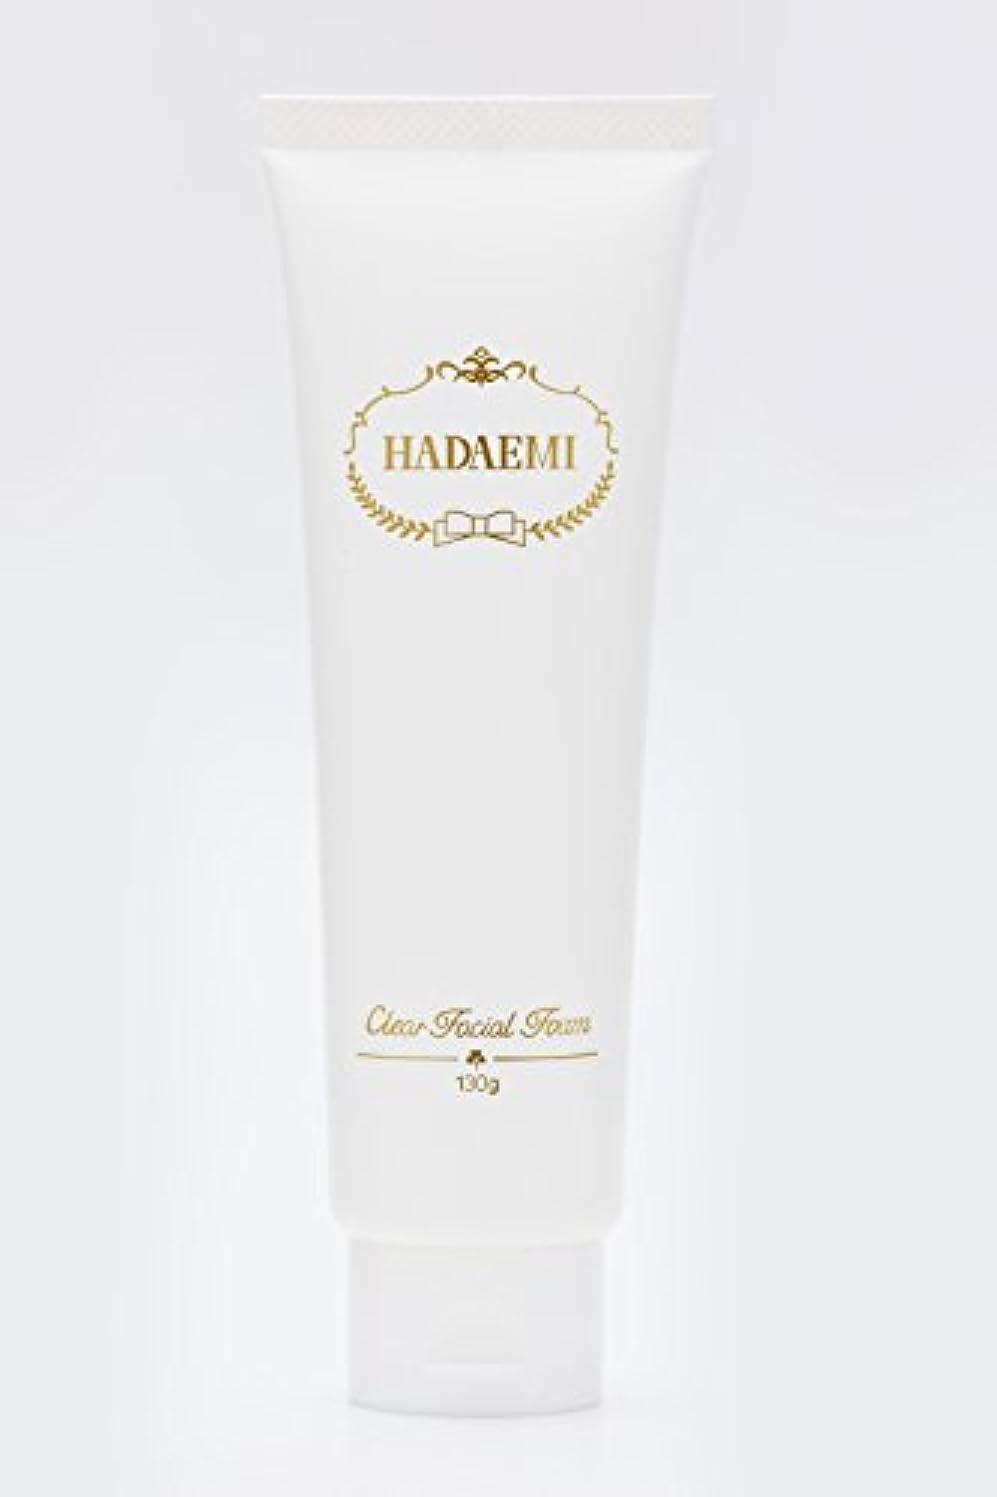 テセウス一ピンポイントHADAEMI 洗顔フォーム ピュアホワイト 弱アルカリ性 日本製 130g 洗顔料 潤い